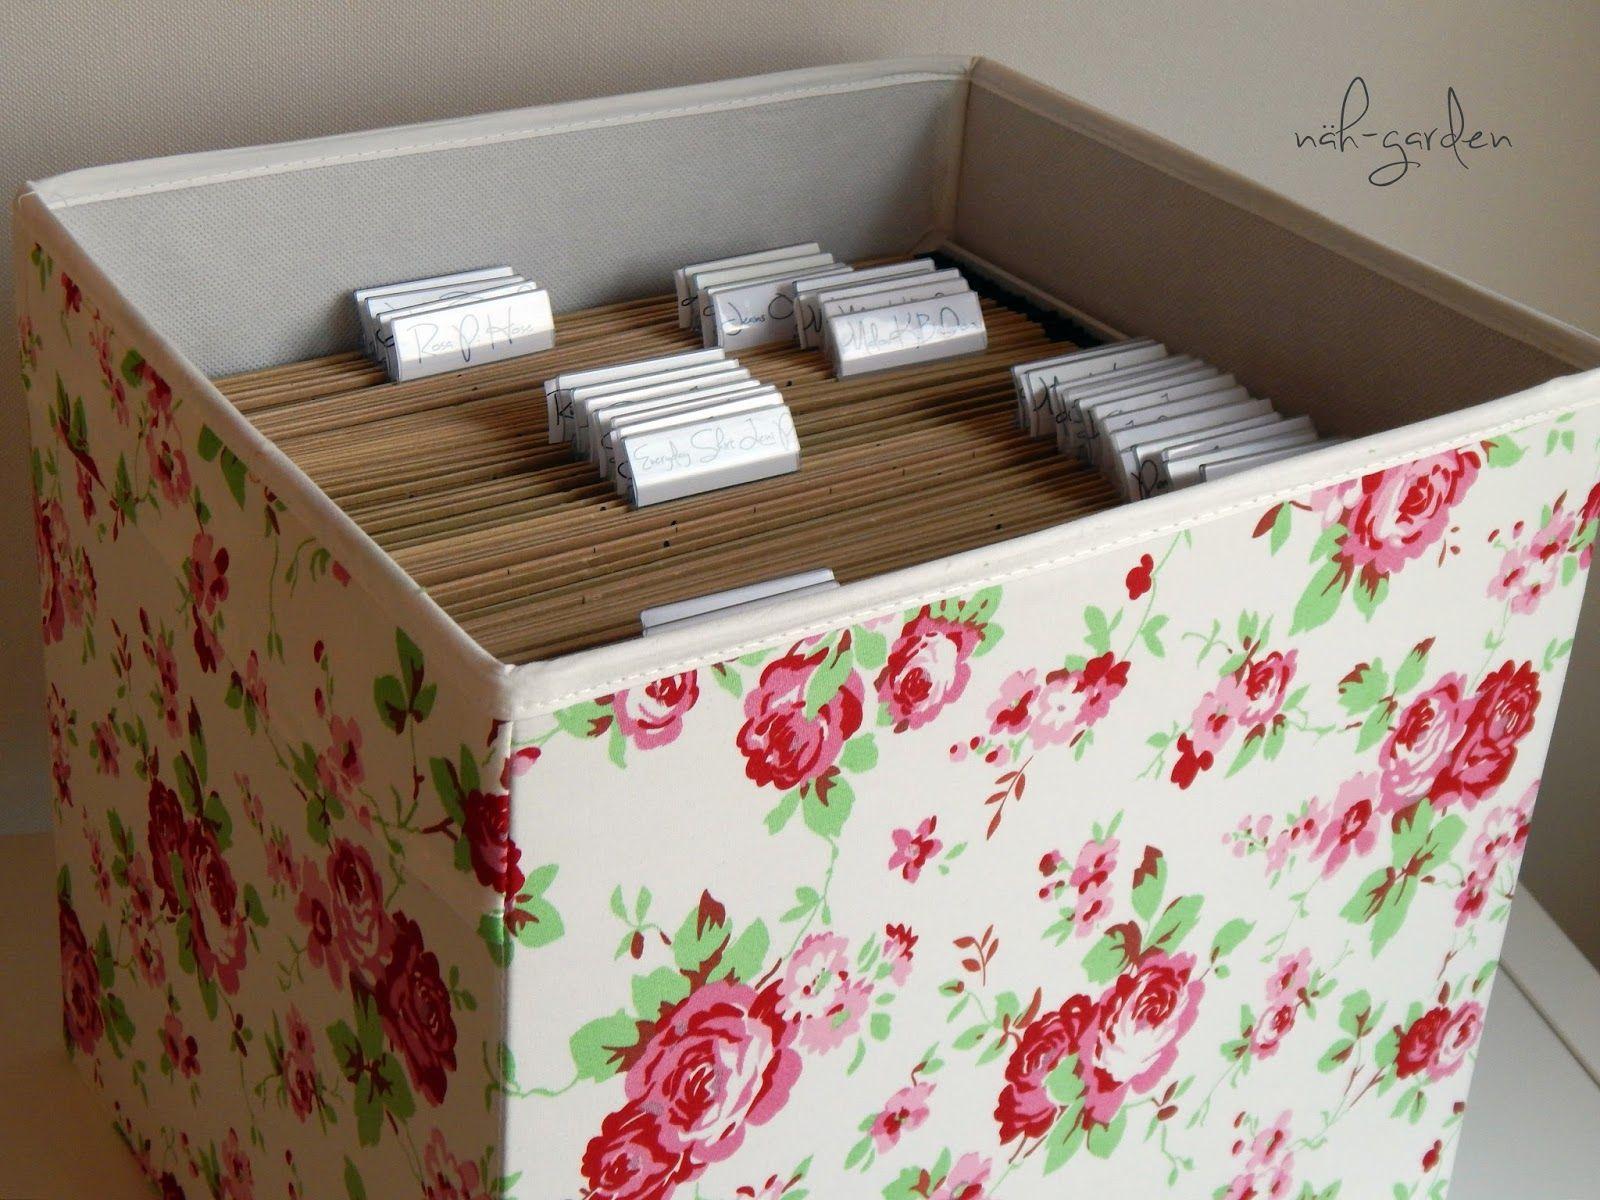 schnittmuster aufbewahren anleitungen pinterest schnittmuster n hzimmer und n hen. Black Bedroom Furniture Sets. Home Design Ideas